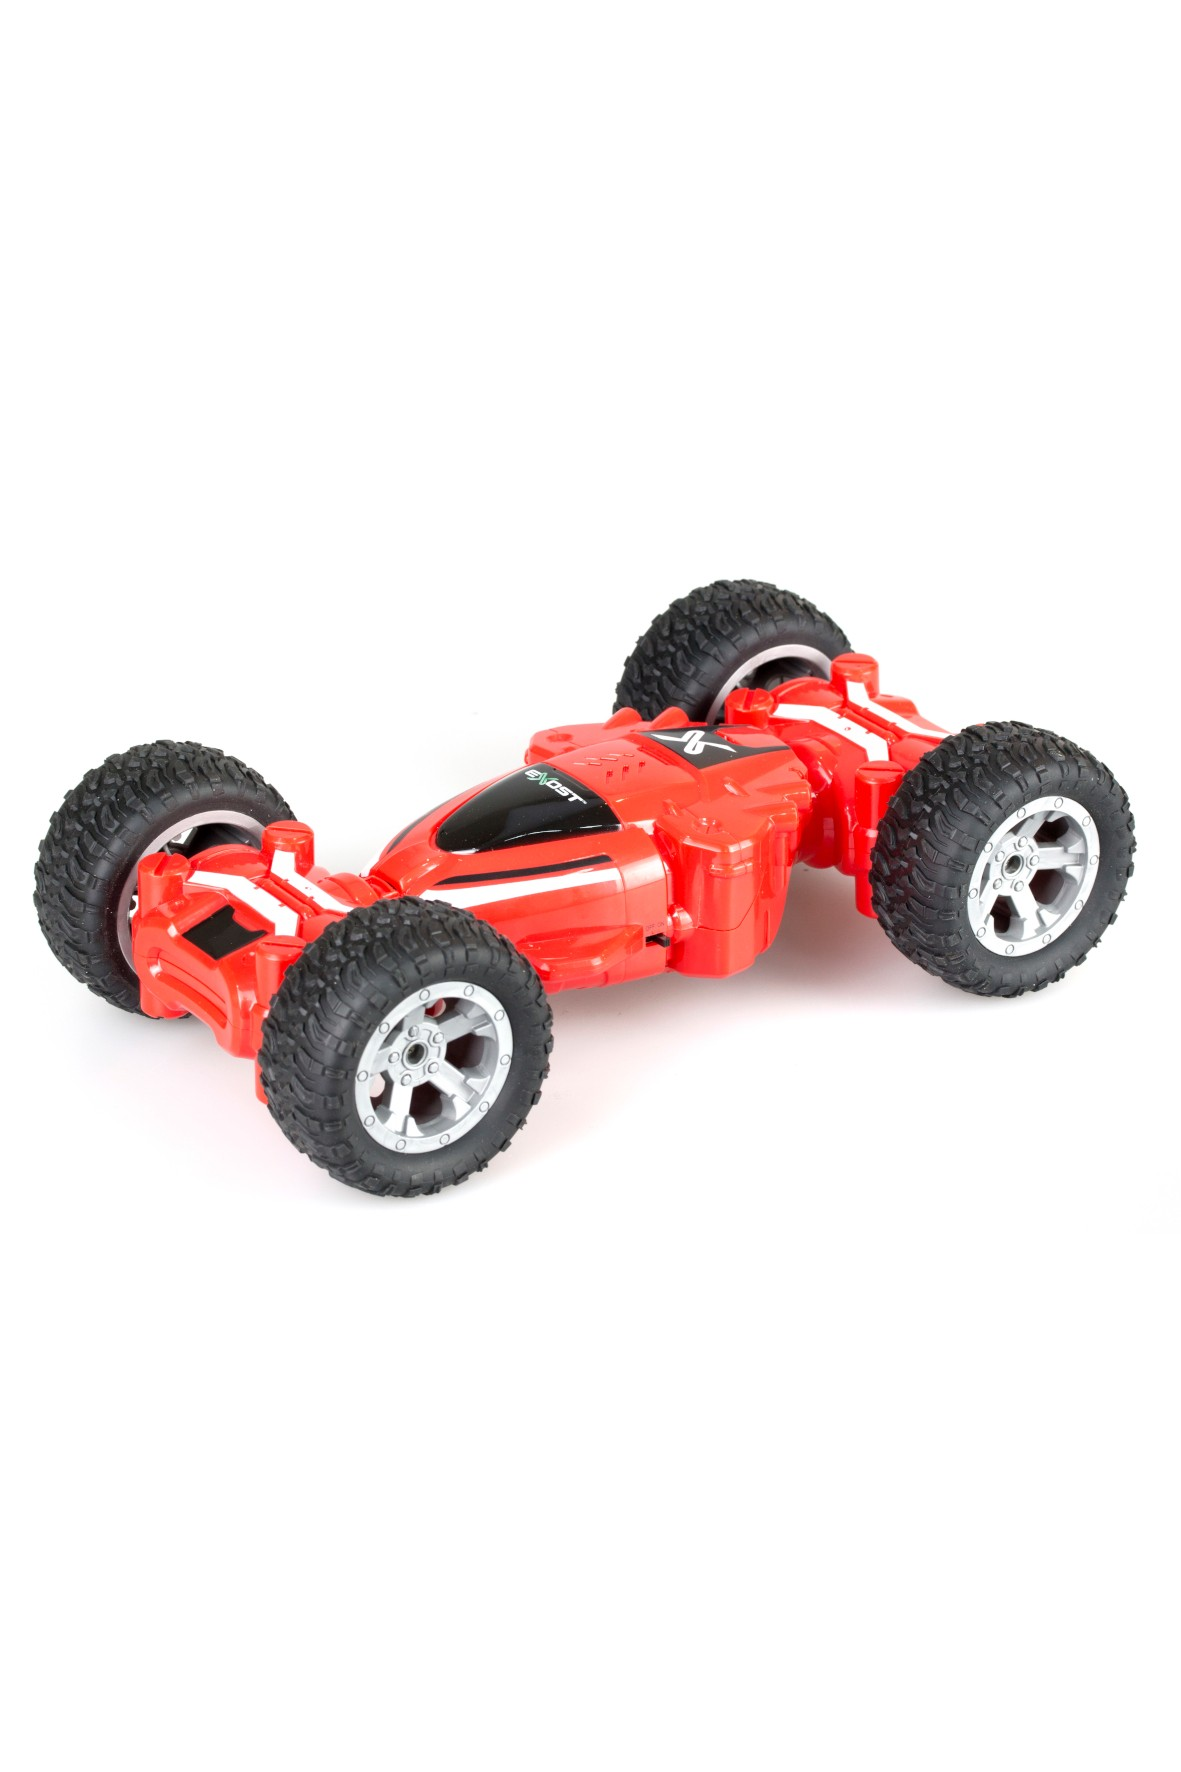 Samochód zdalnie sterowany Mini Revolt czerwony 5+